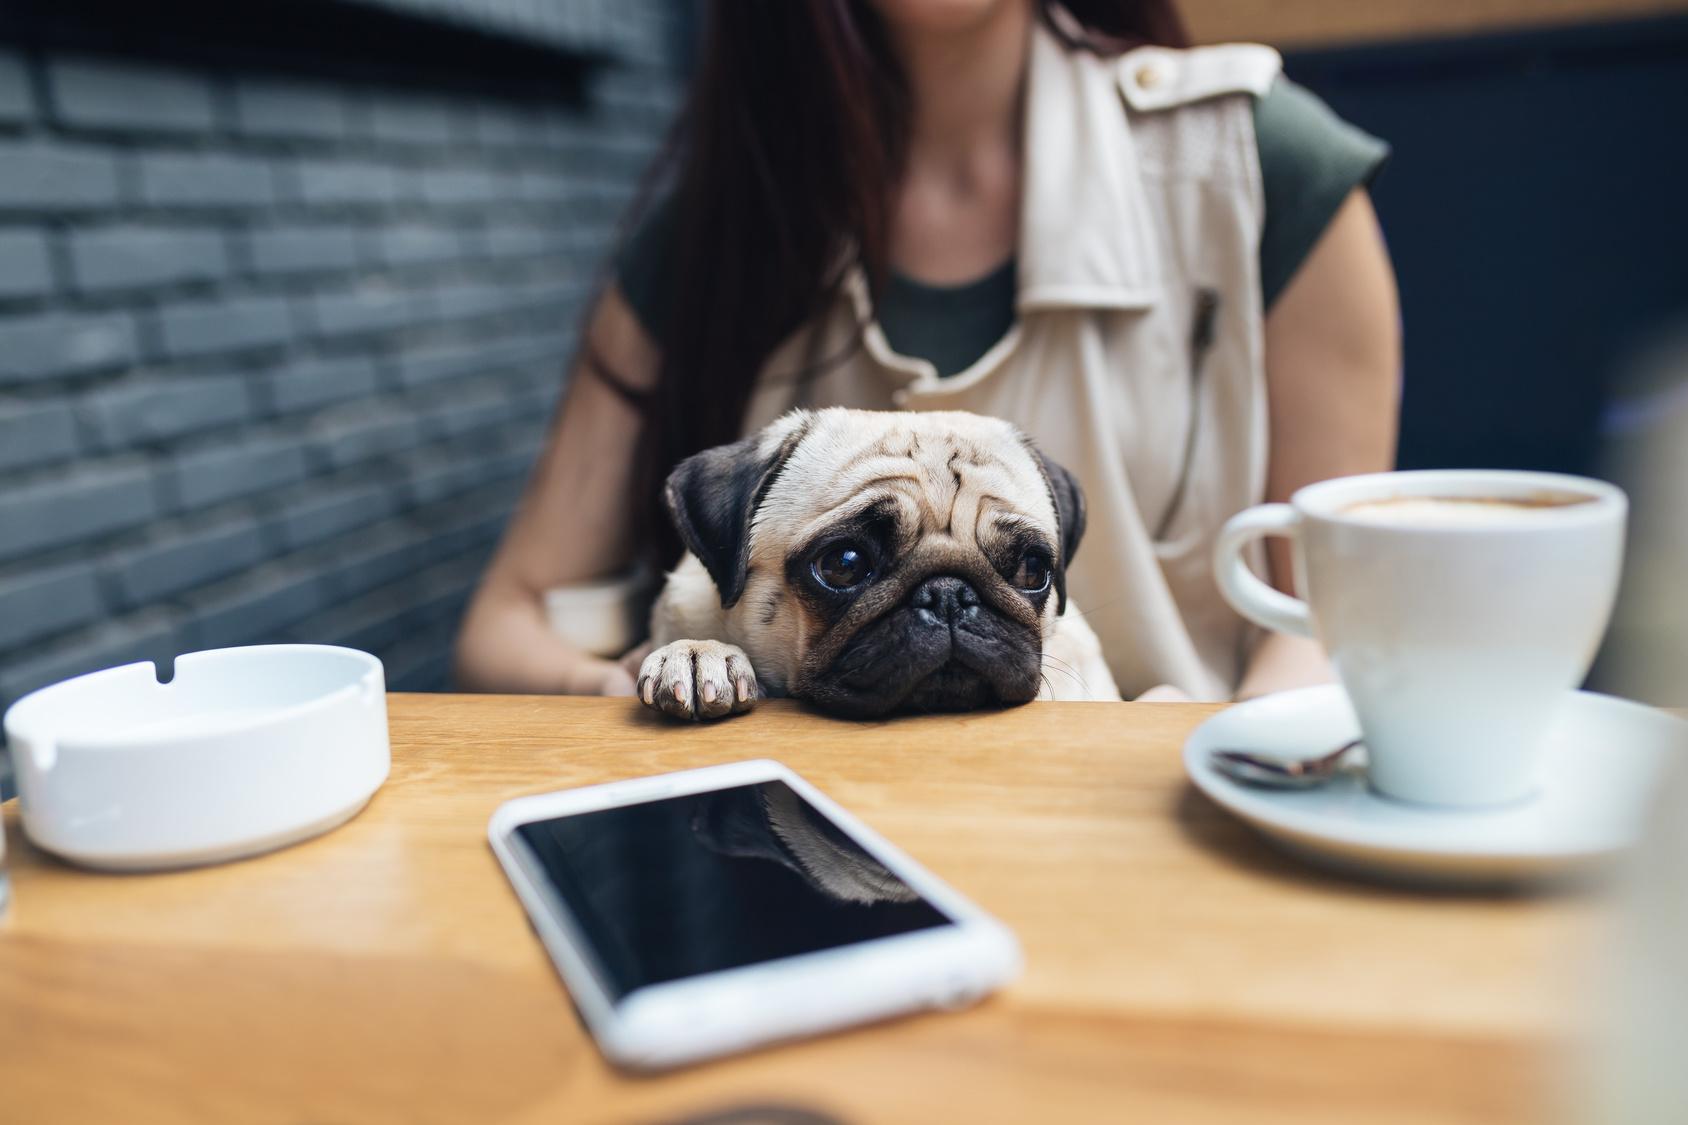 愛犬と店内で食事をしたい!大阪のおすすめドッグカフェ